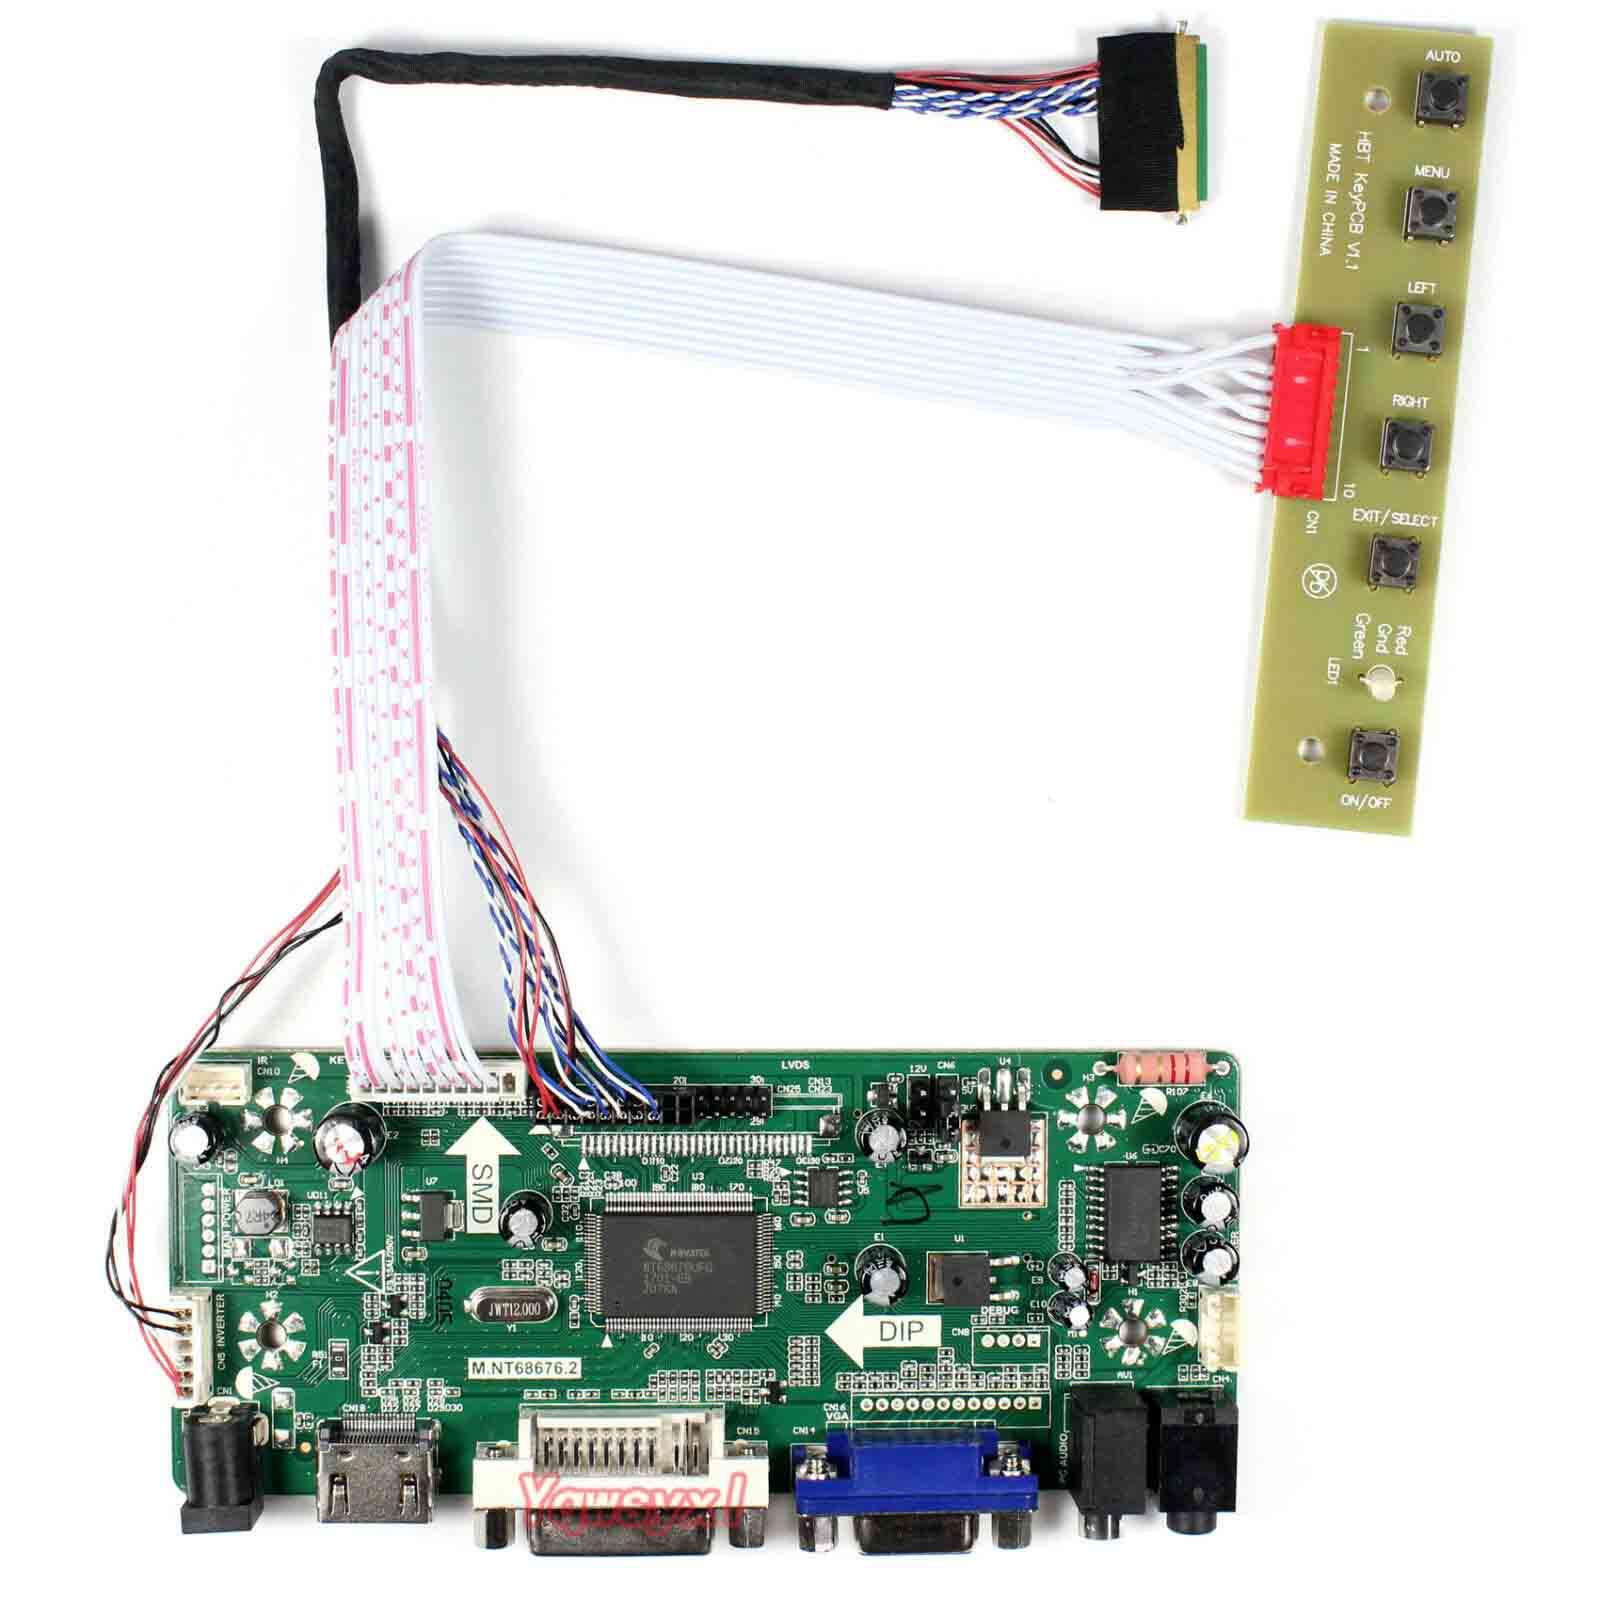 Yqwsyxl Control Board Monitor Kit For  LTN133AT09  HDMI+DVI+VGA LCD LED Screen Controller Board Driver